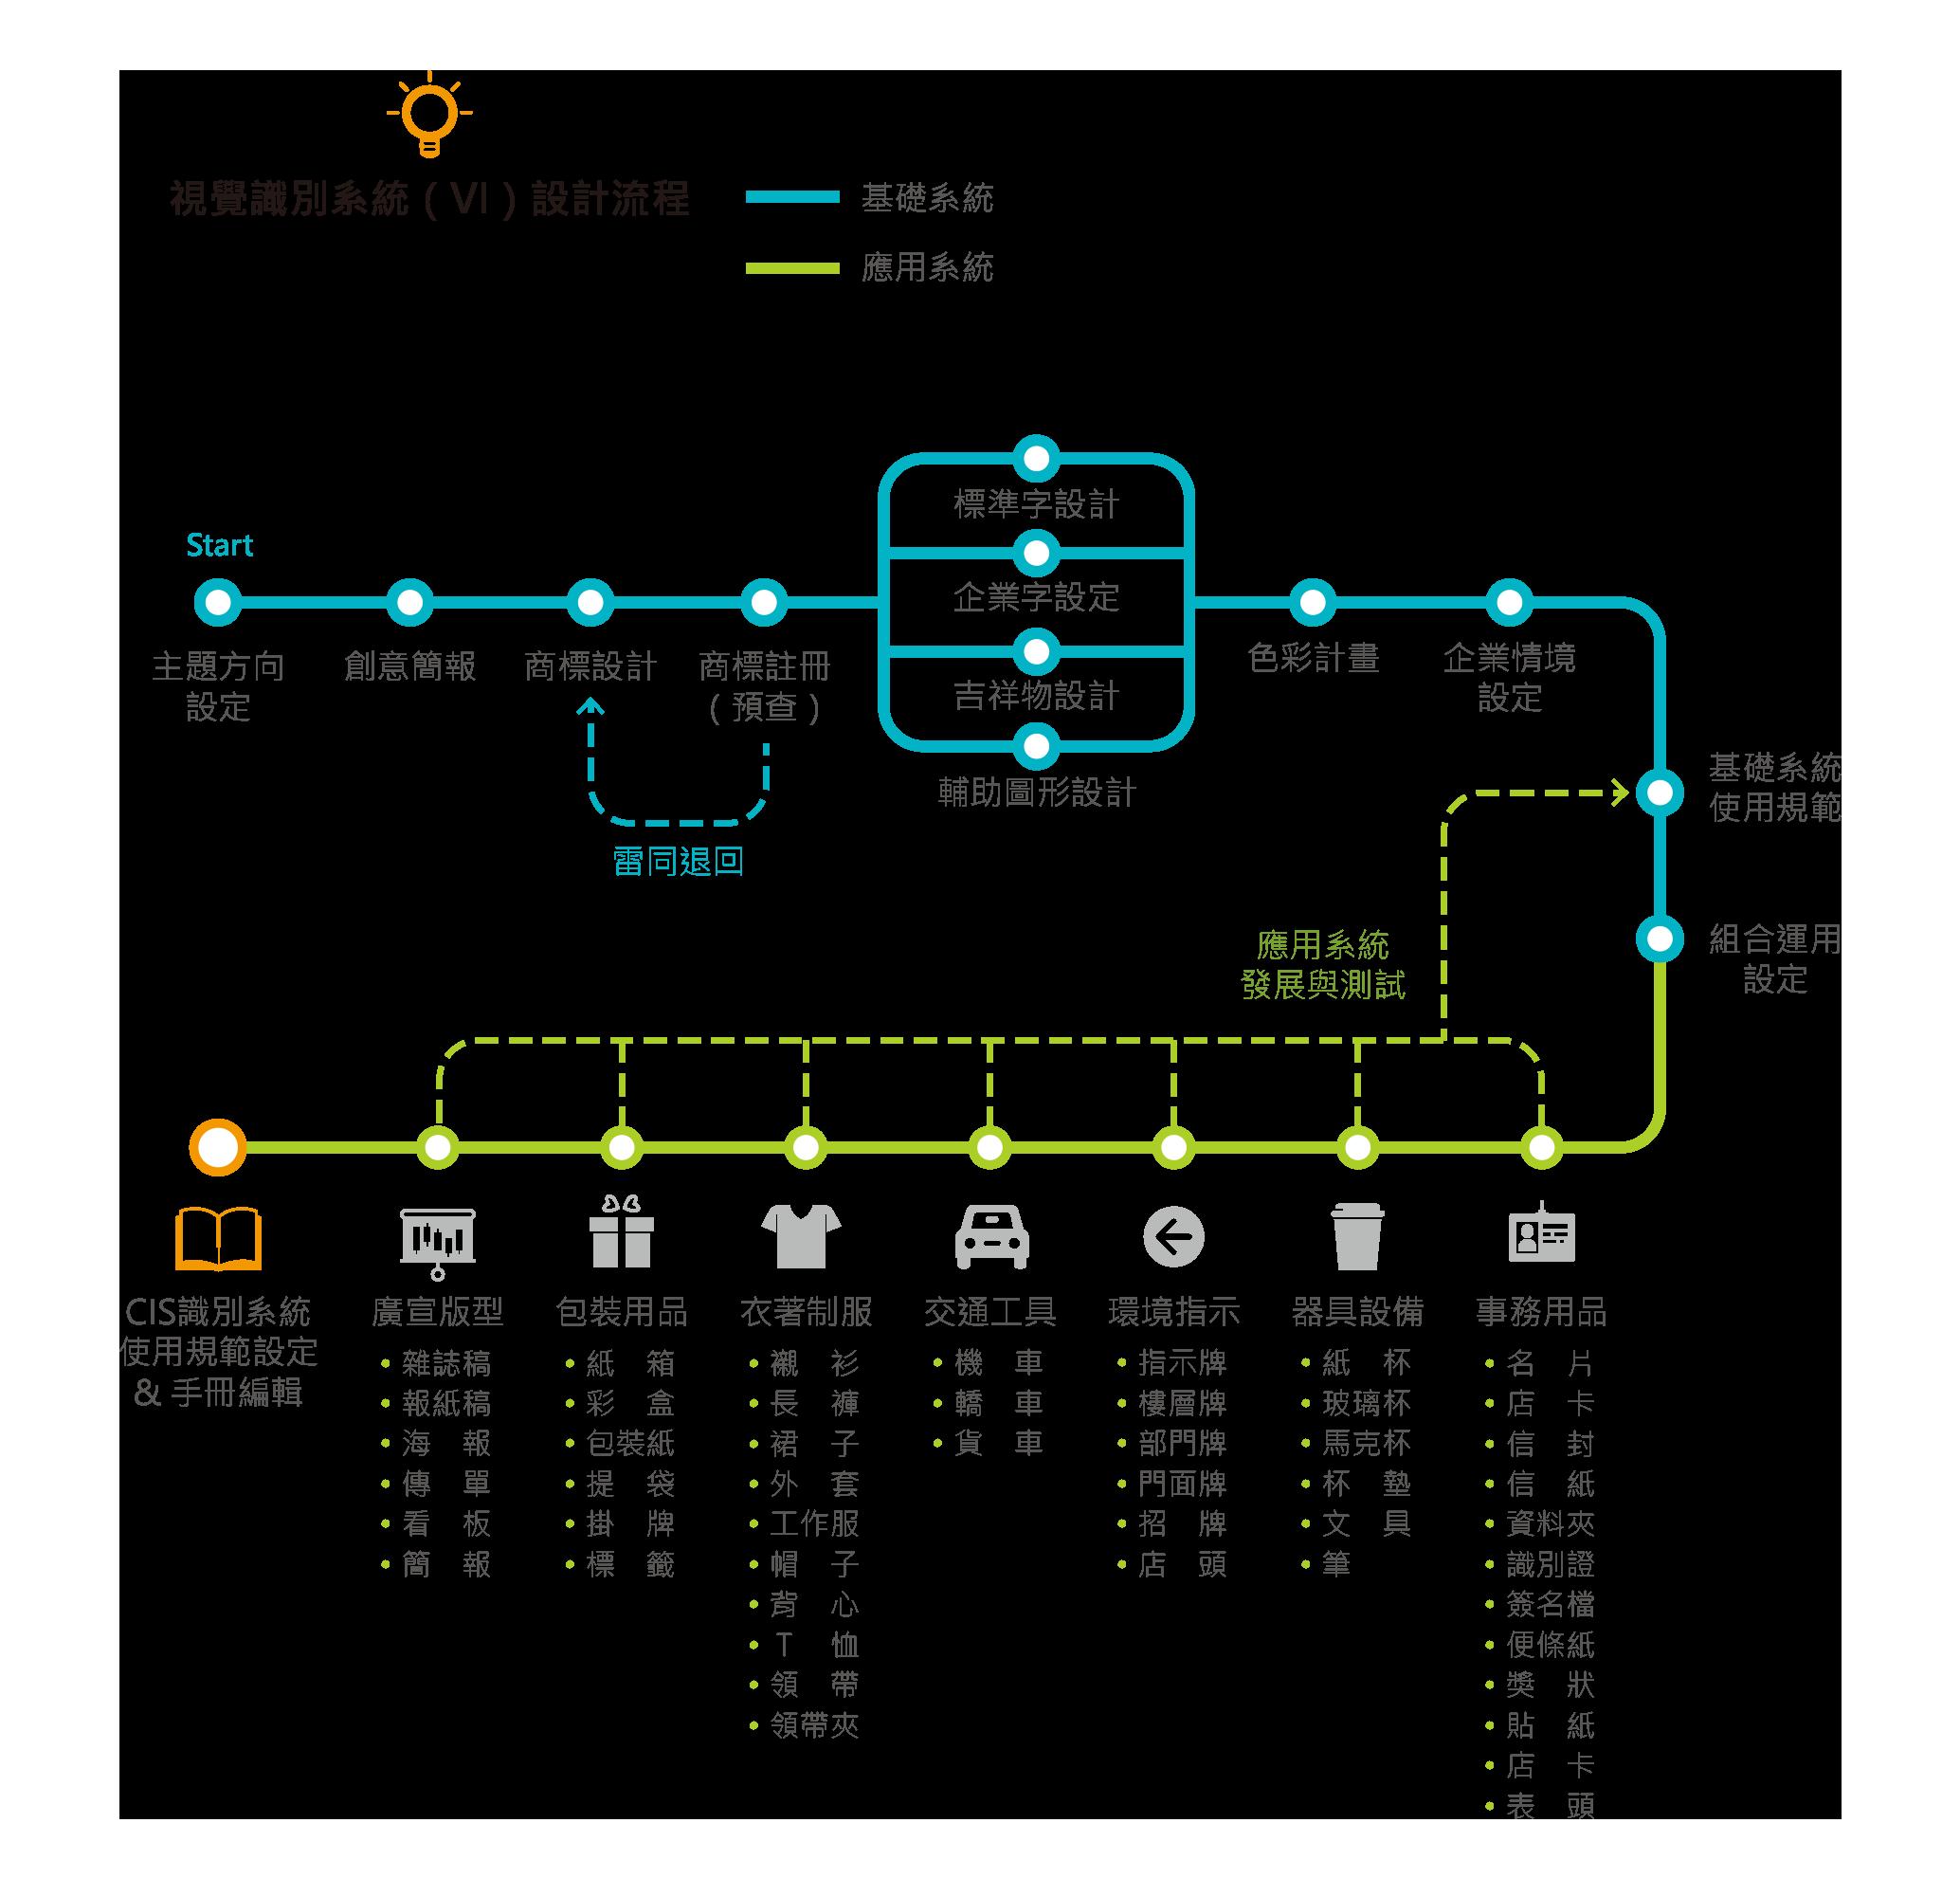 視覺識別系統(VI)設計流程:主題方向設定、創意簡報、商標設計、商標註冊(預查),若雷同退回、1.標準字設計,2.企業字設定,3.吉祥物設計,4.輔助圖形設計、色彩計畫、企業情境設定、基礎系統使用規範、組合運用設定、、事務用品:名片,店卡,信封,信紙,資料夾,識別證,簽名檔,便條紙,獎狀,貼紙,店卡,表頭、器具設備:紙杯、玻璃杯、馬克杯、杯墊、文具、筆、環境指示:指示牌、樓層牌、部門牌、門面牌、招牌、店頭、交通工具:機車、轎車、貨車、衣著制服:襯衫、長褲、裙子、外套、工作服、帽子、背心、T恤、領帶、領帶夾、包裝用品:紙箱、紙盒、包裝紙、提袋、掛牌、標籤、廣宣版型:雜誌搞、報紙稿、海報、傳單、看板、簡報、CIS識別系統使用規範設定&手冊編輯